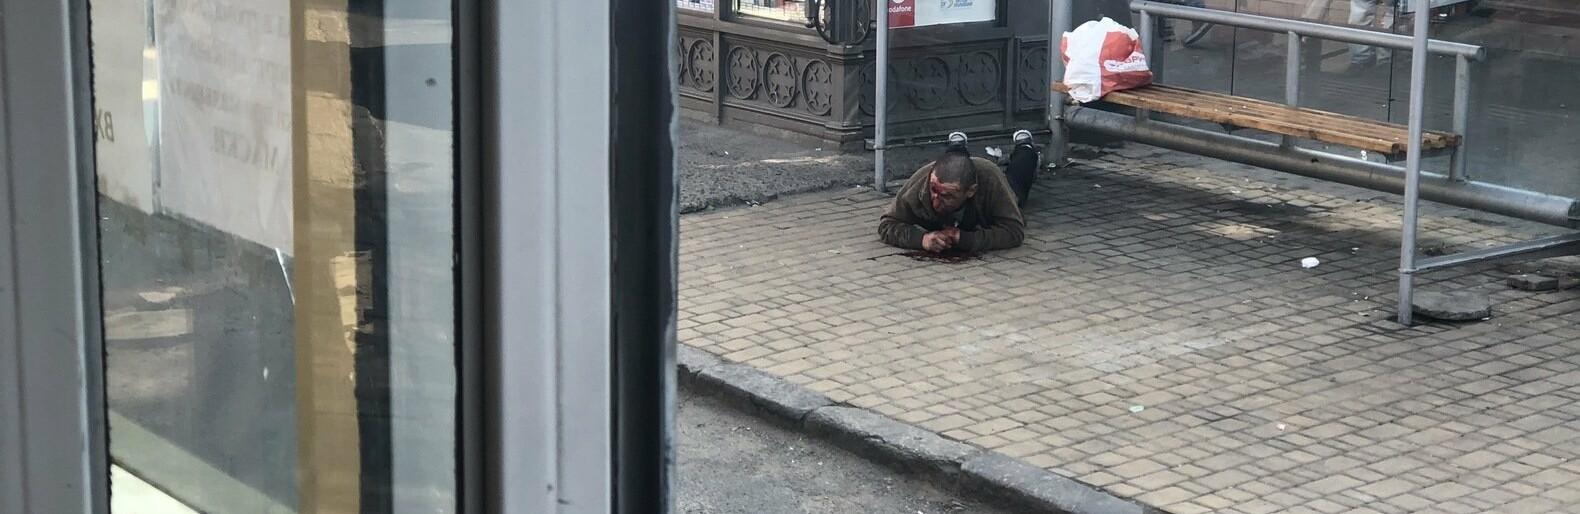 В Одессе на остановке возле Привоза лежит мужчина в луже крови, - ФОТО0